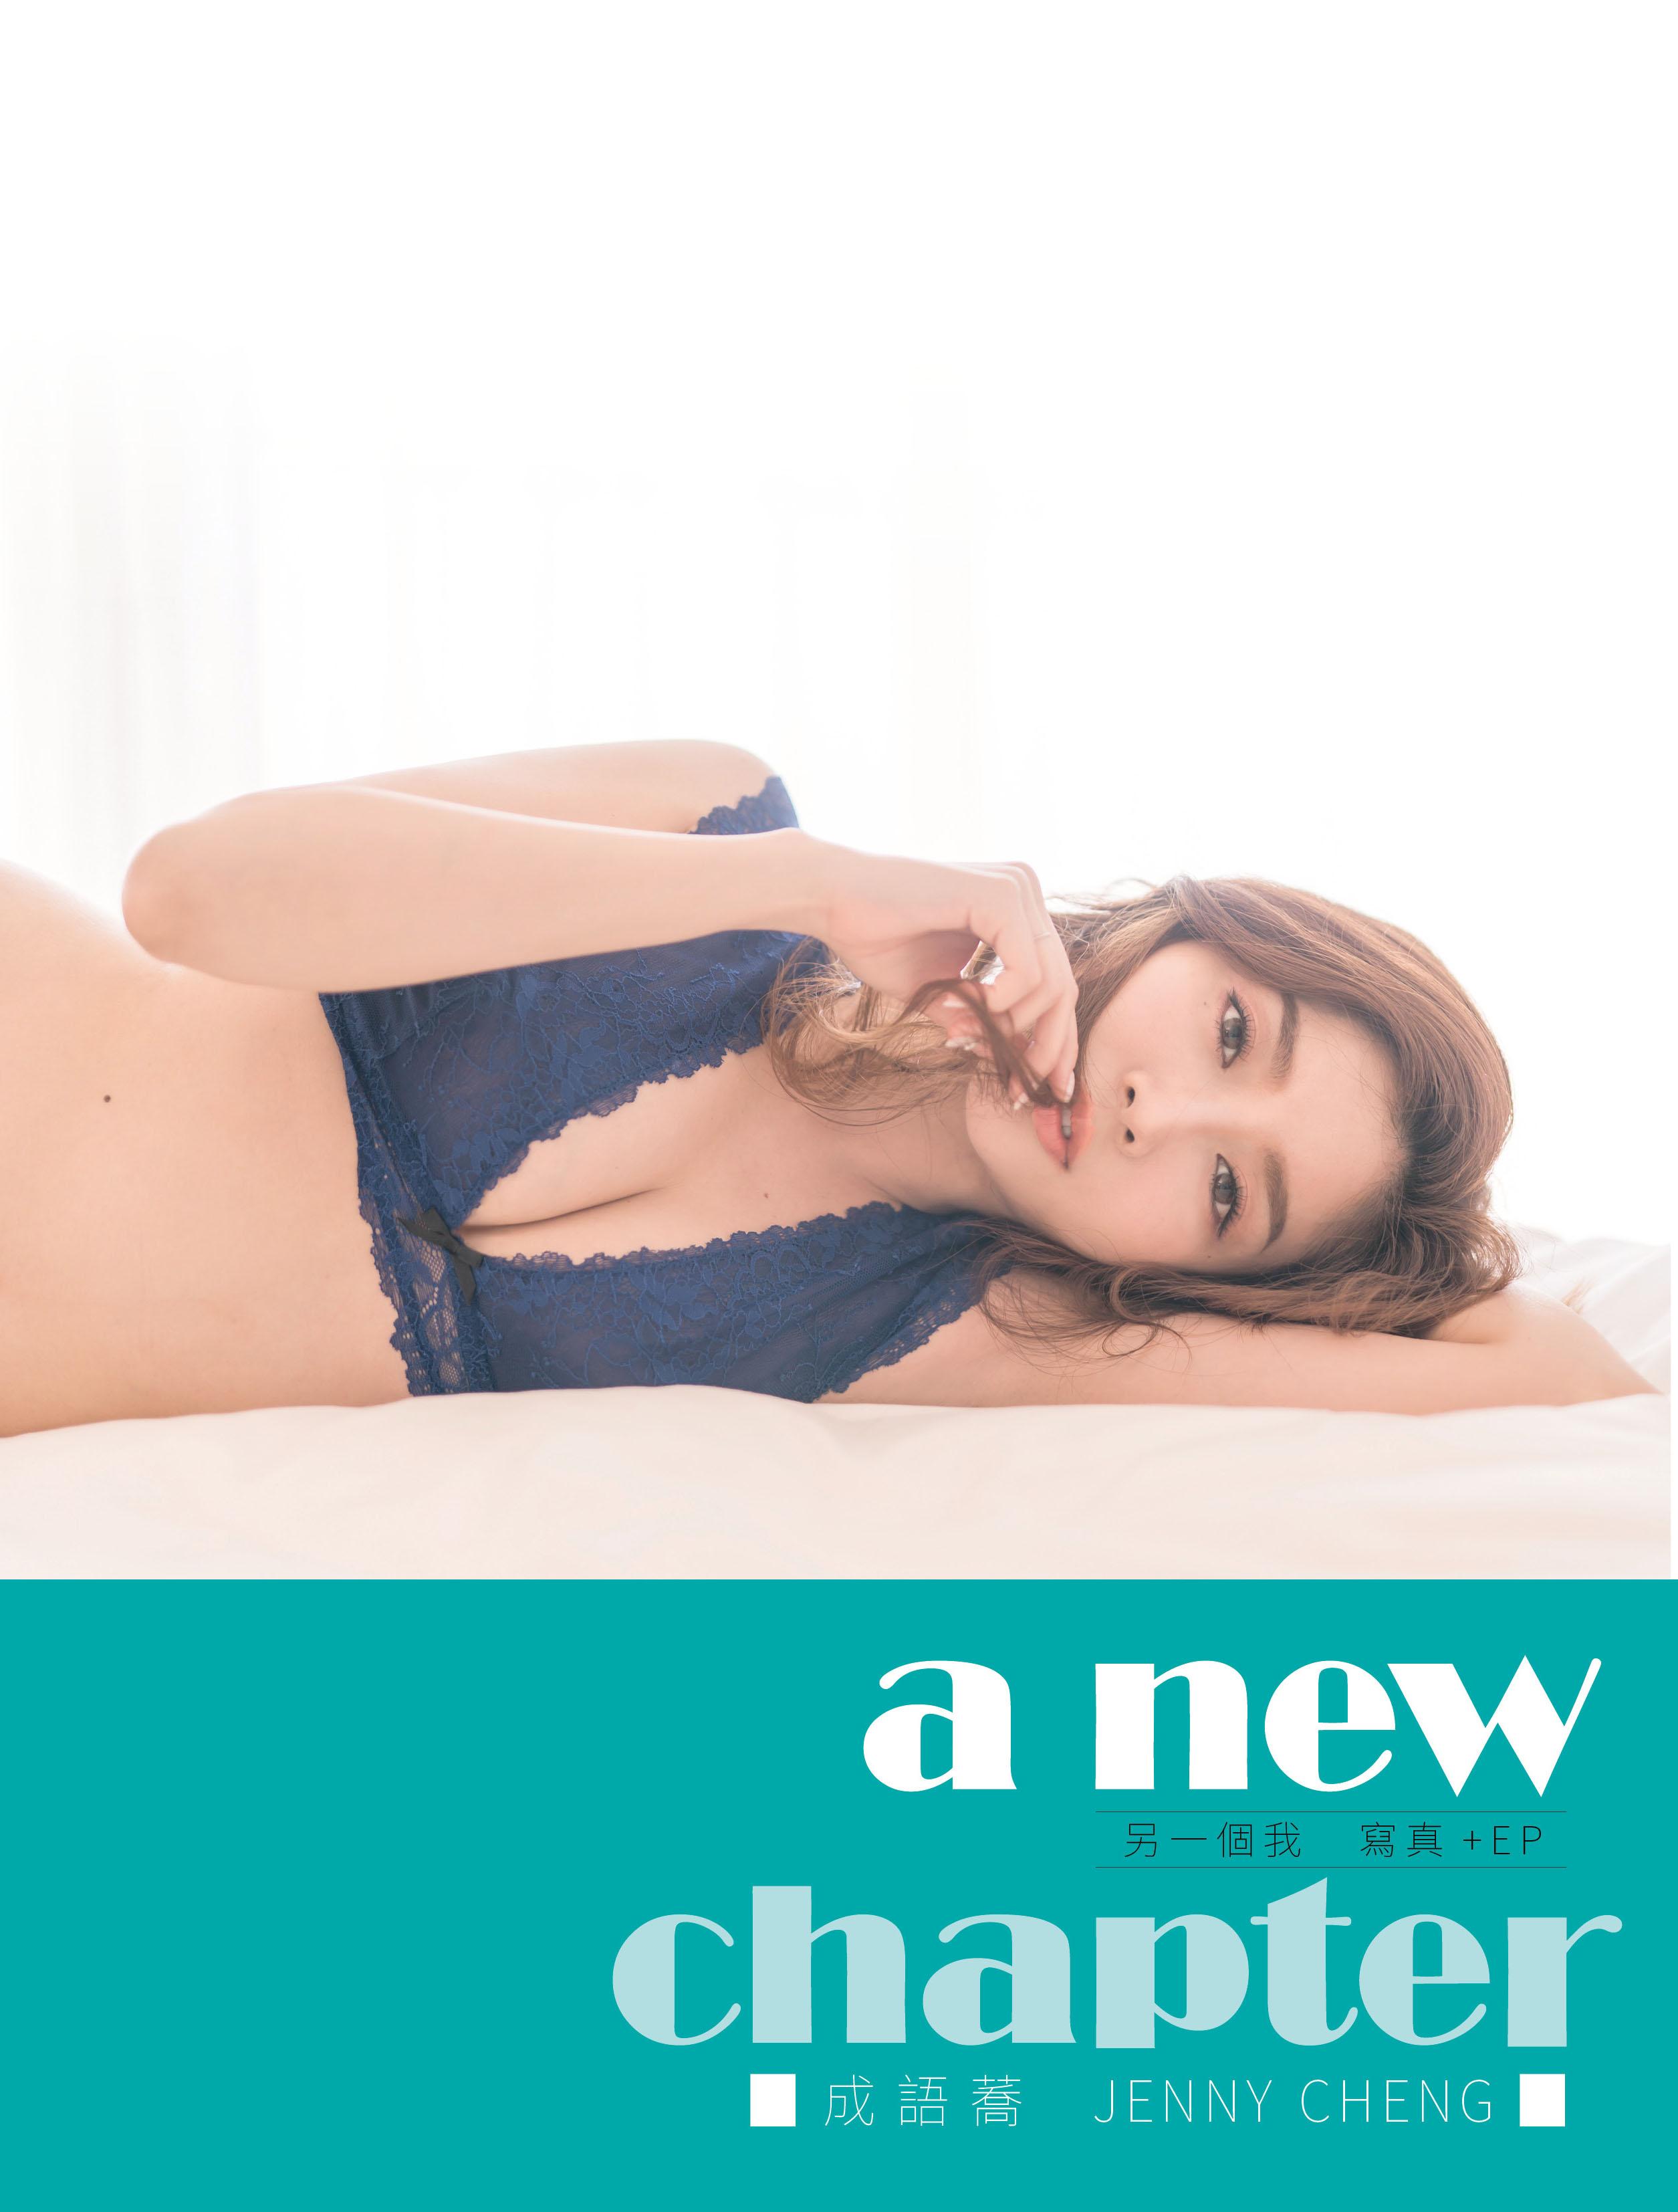 ◤博客來BOOKS◢ 暢銷書榜《推薦》成語蕎《另一個我/a new chapter》寫真+EP / 親簽B款(首刷限量/白洋裝立牌)